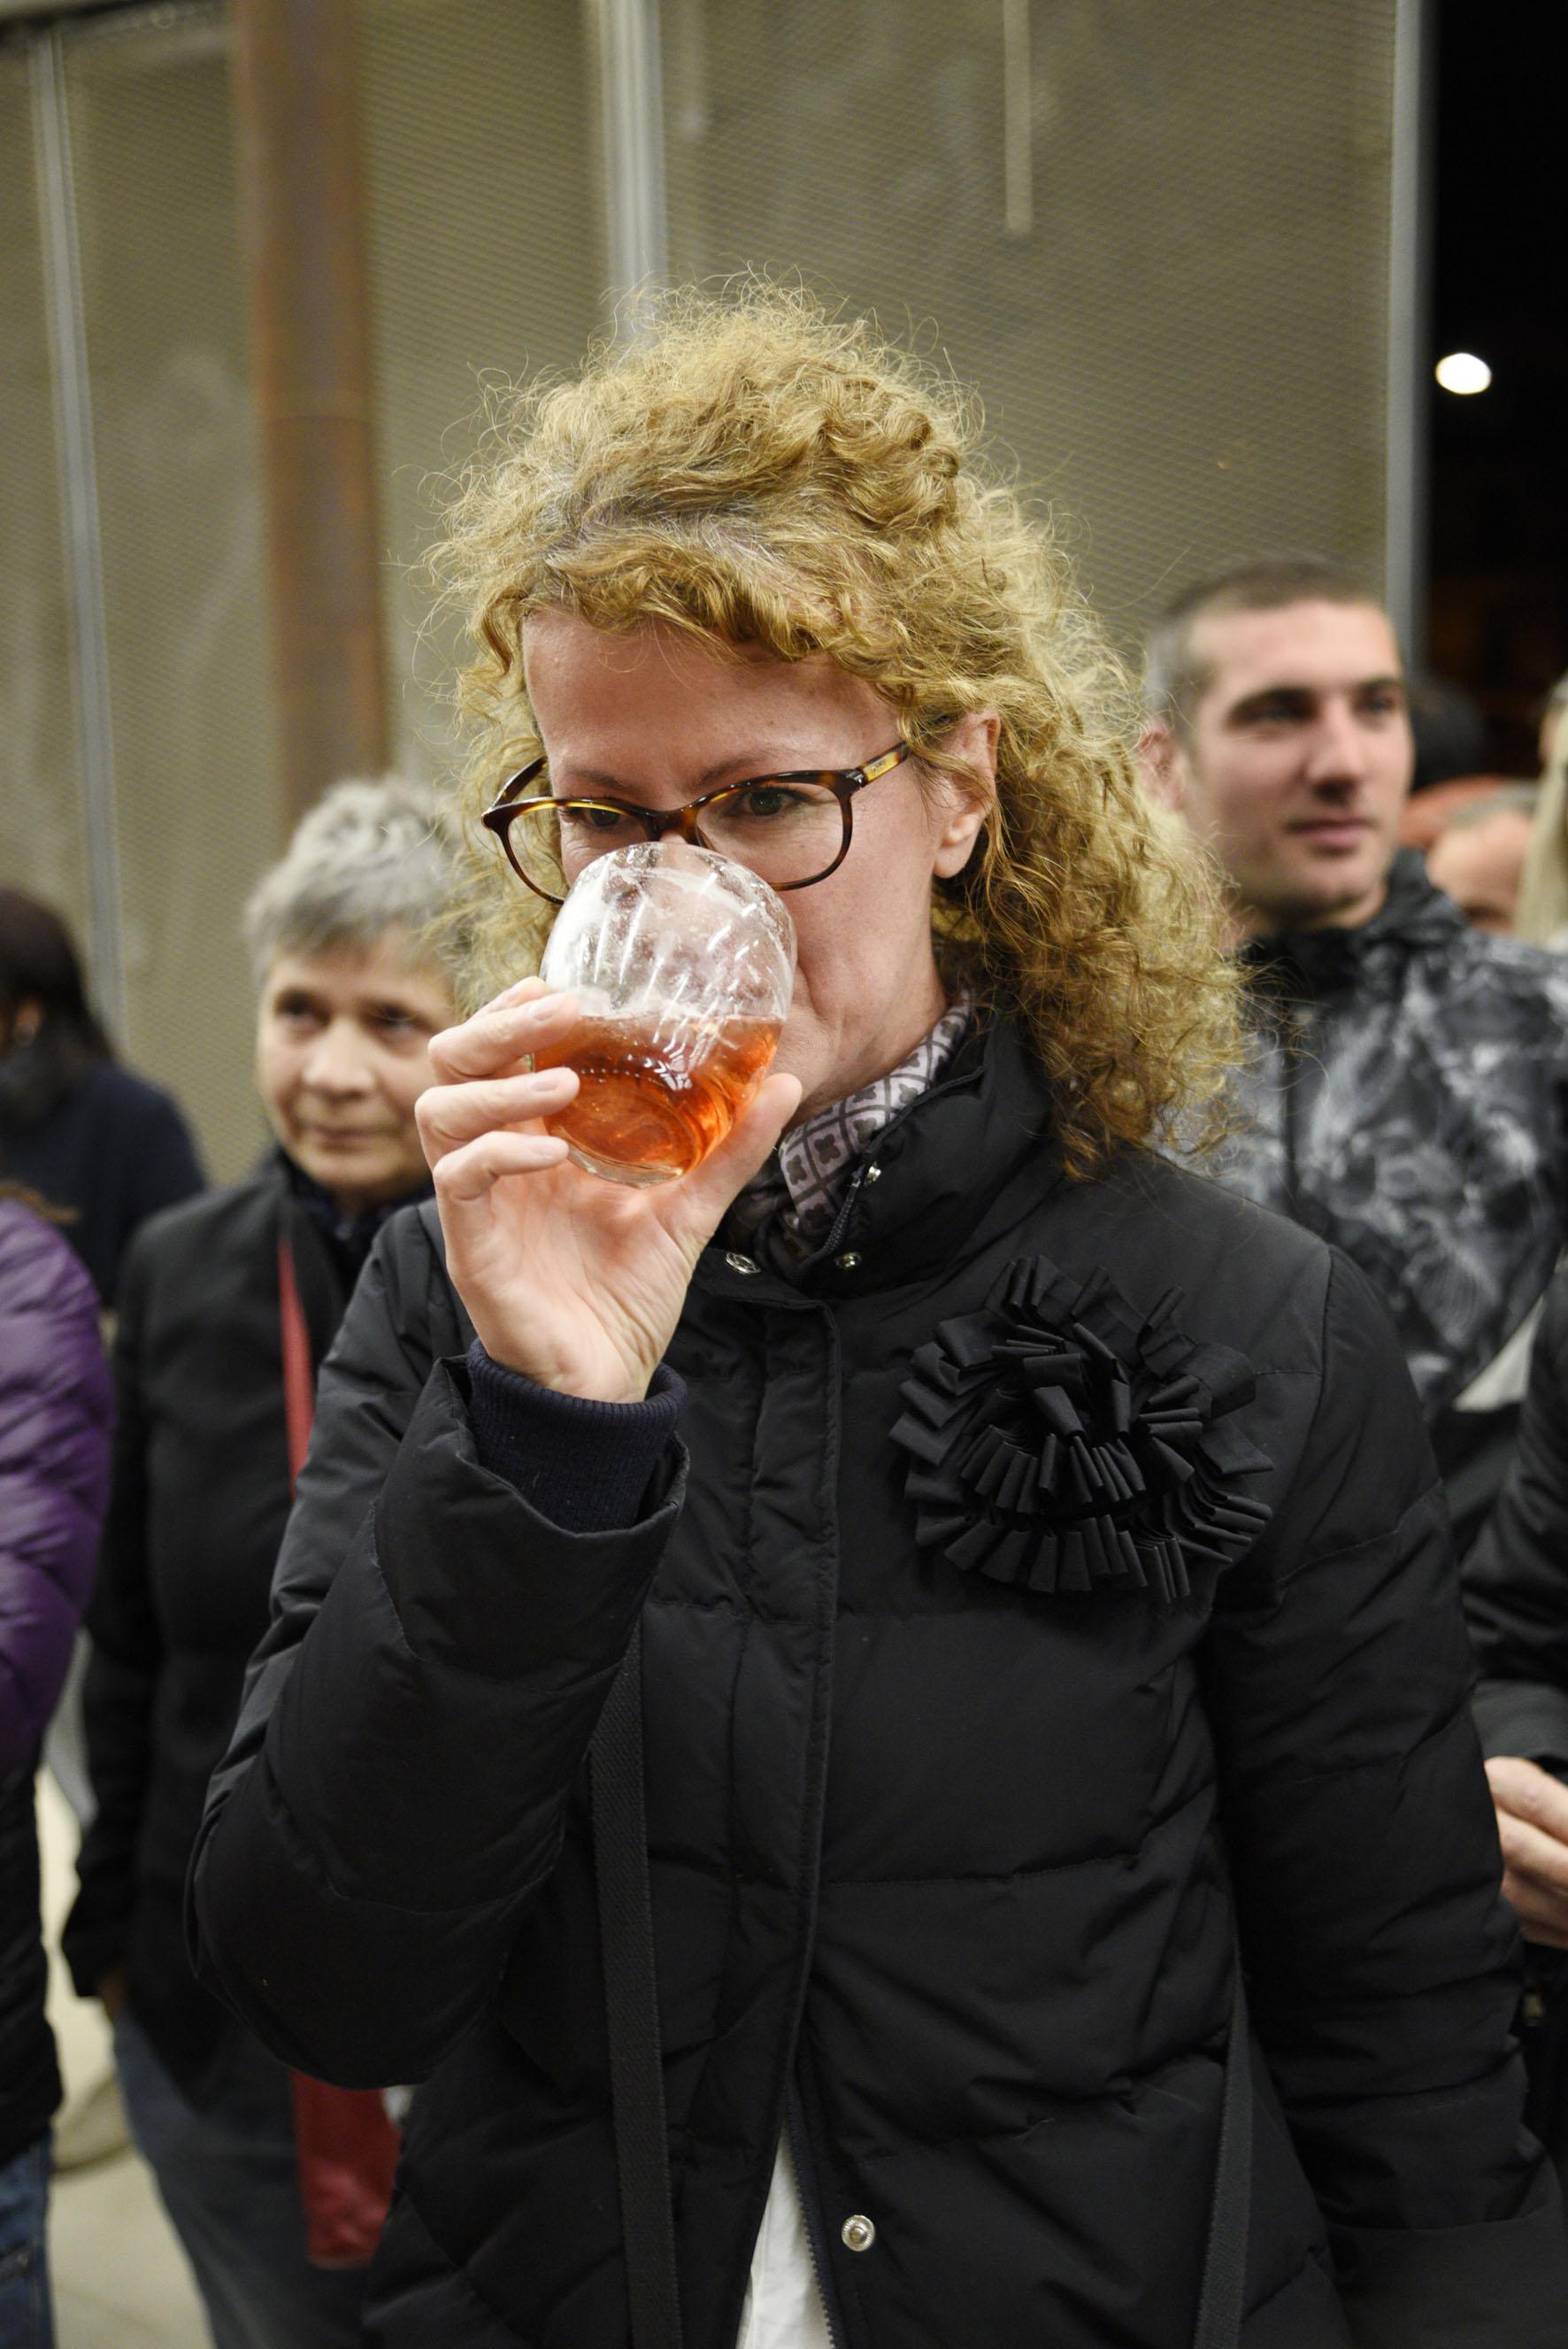 Carmen prova il drink (foto Toney)